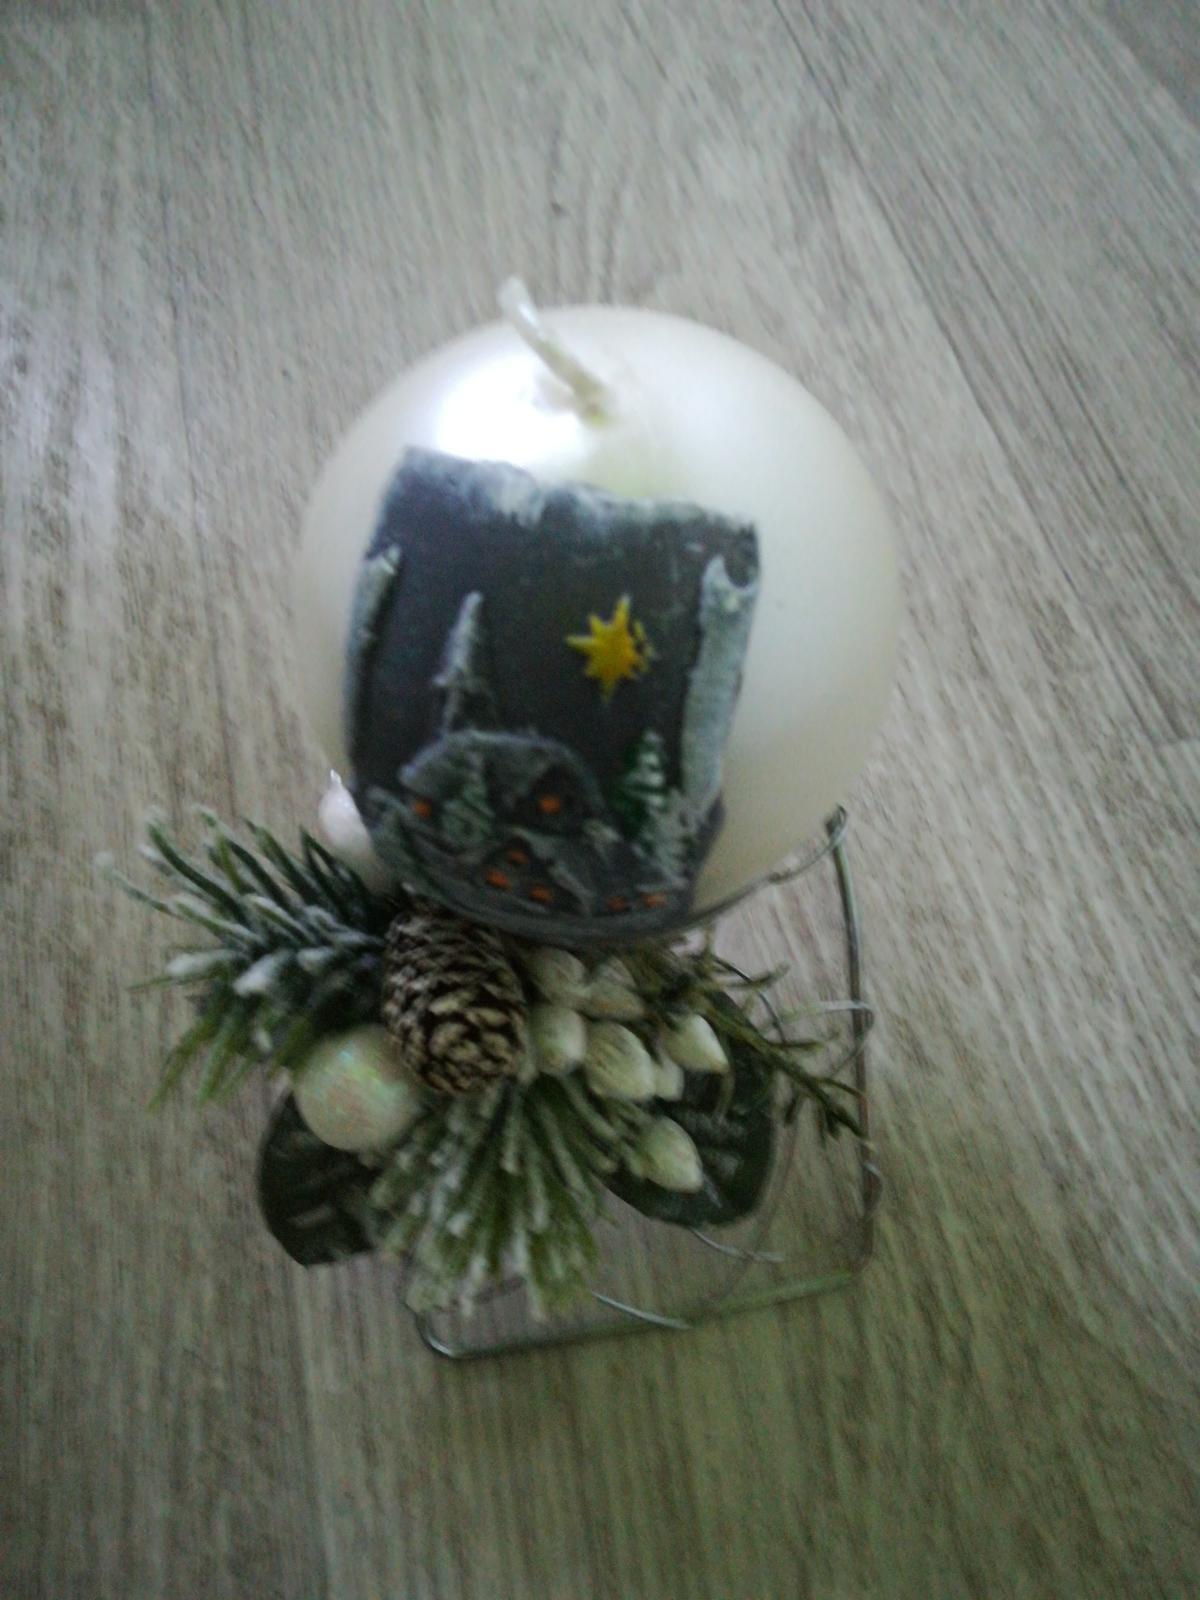 Vianočný svietnik spolu so sviečkou - Obrázok č. 1